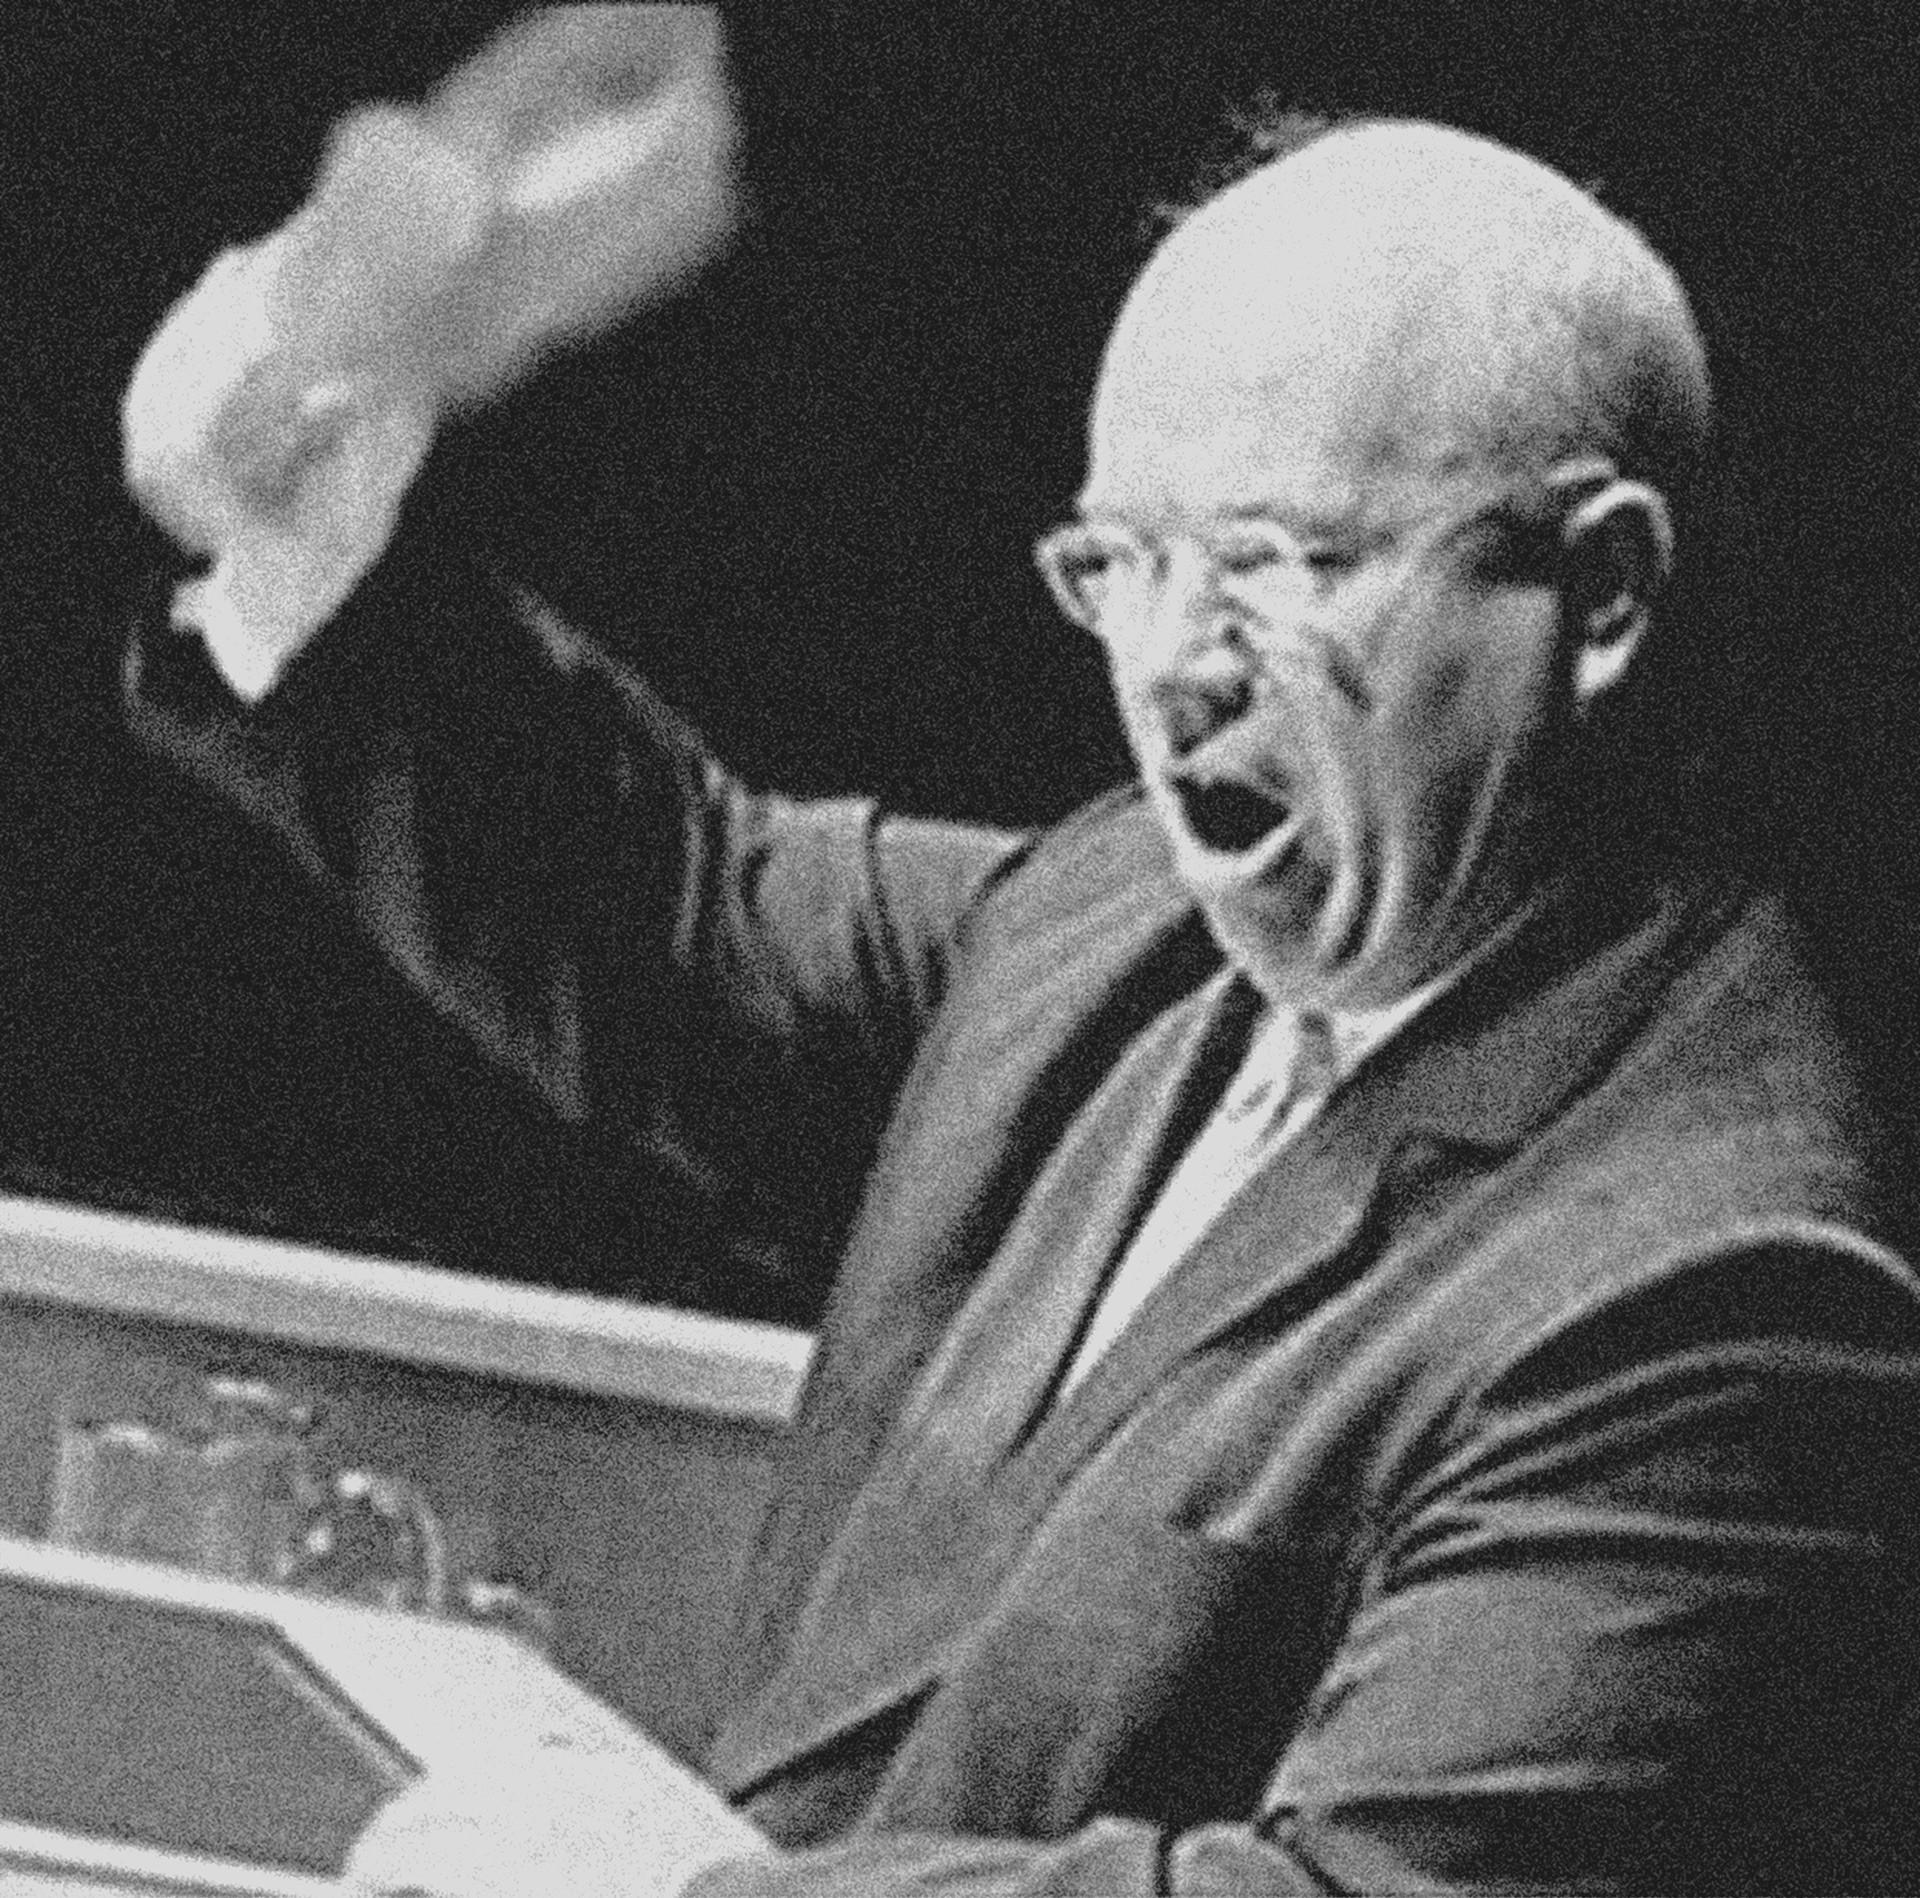 Foto montase sepatu Khrushchev.